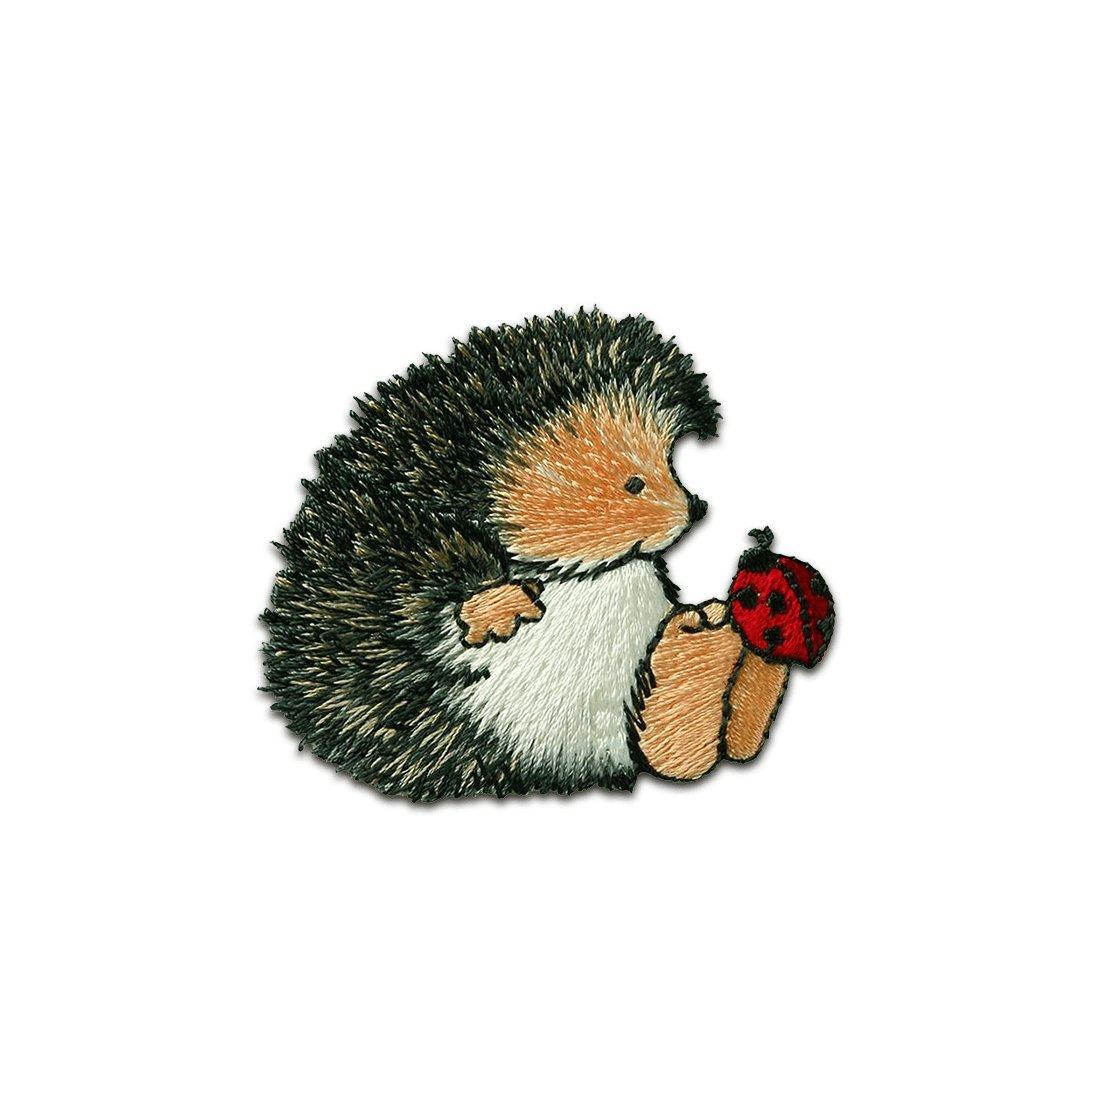 Toppe termoadesive - Margaret Sherry riccio con coleottero animale bambini -grigio - 4, 6x5, 5cm - by catch-the-patch Patch Toppa ricamate Applicazioni Ricamata da cucire adesive